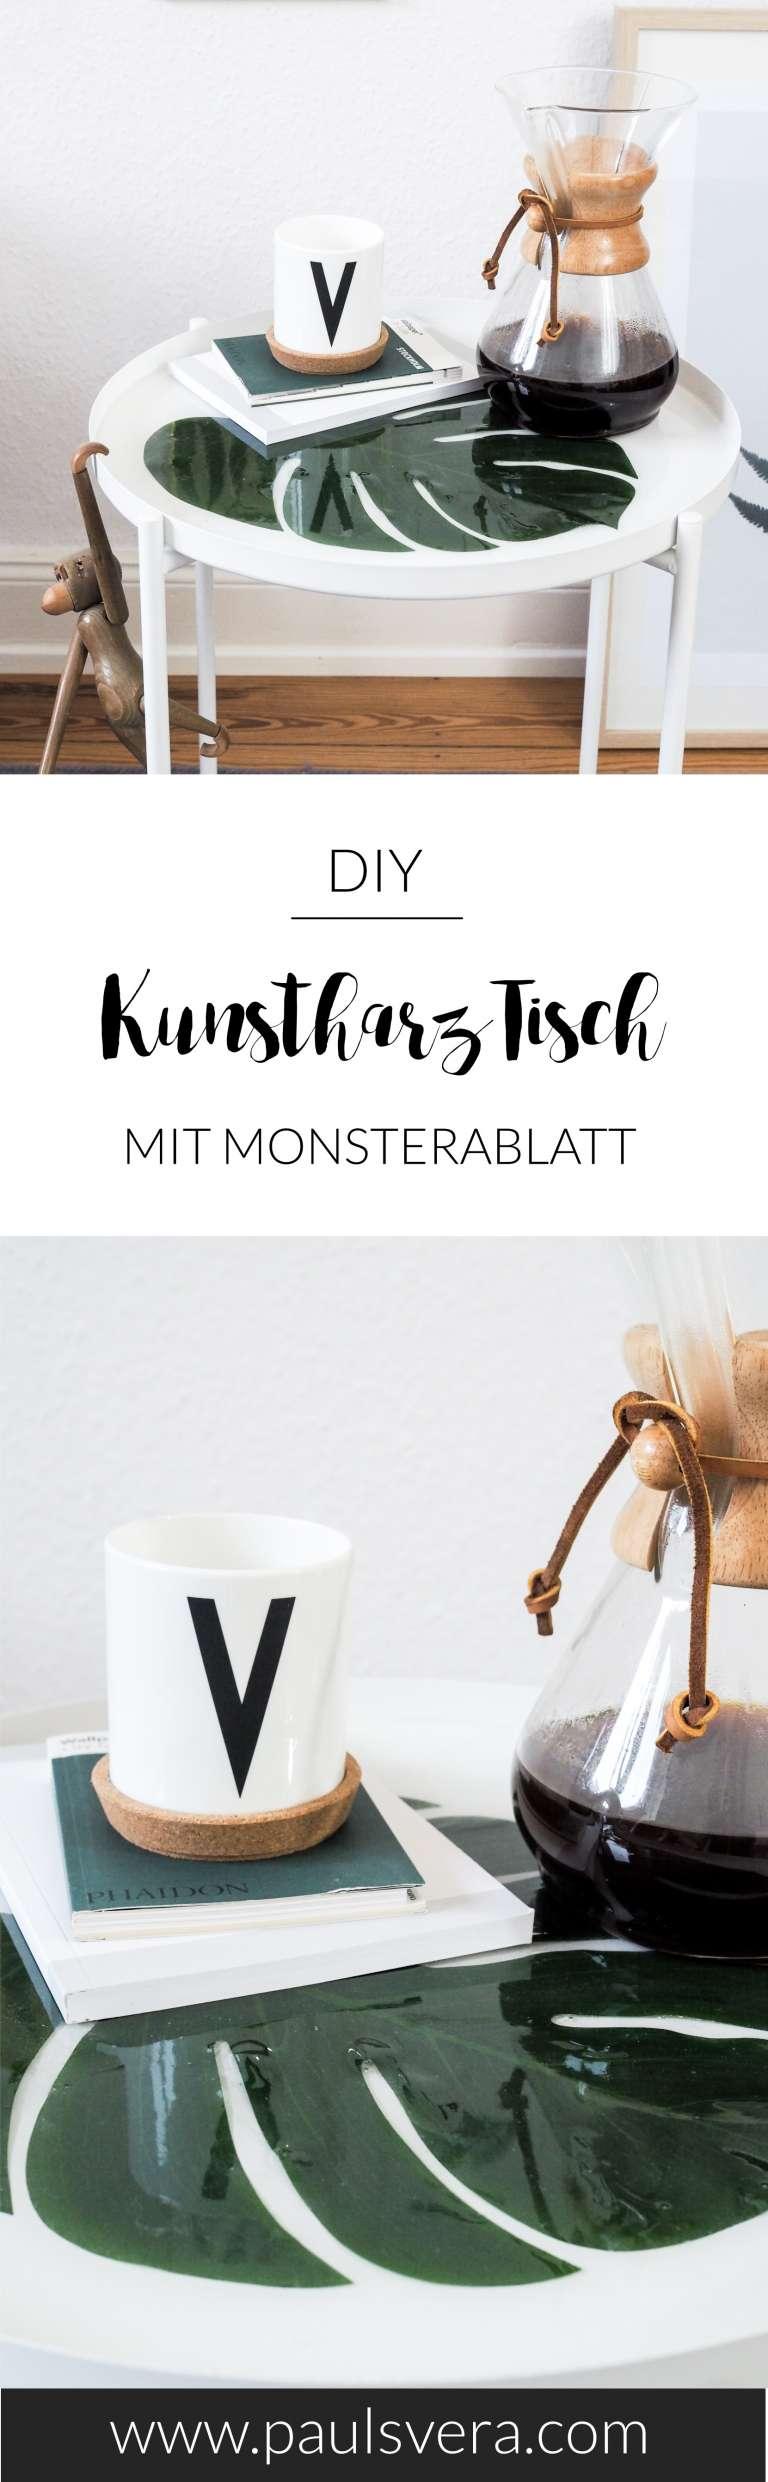 DIY Deko Idee Tisch mit Monsterablatt und Gießharz selber machen DIY Möbel DIY zuhause paulsvera